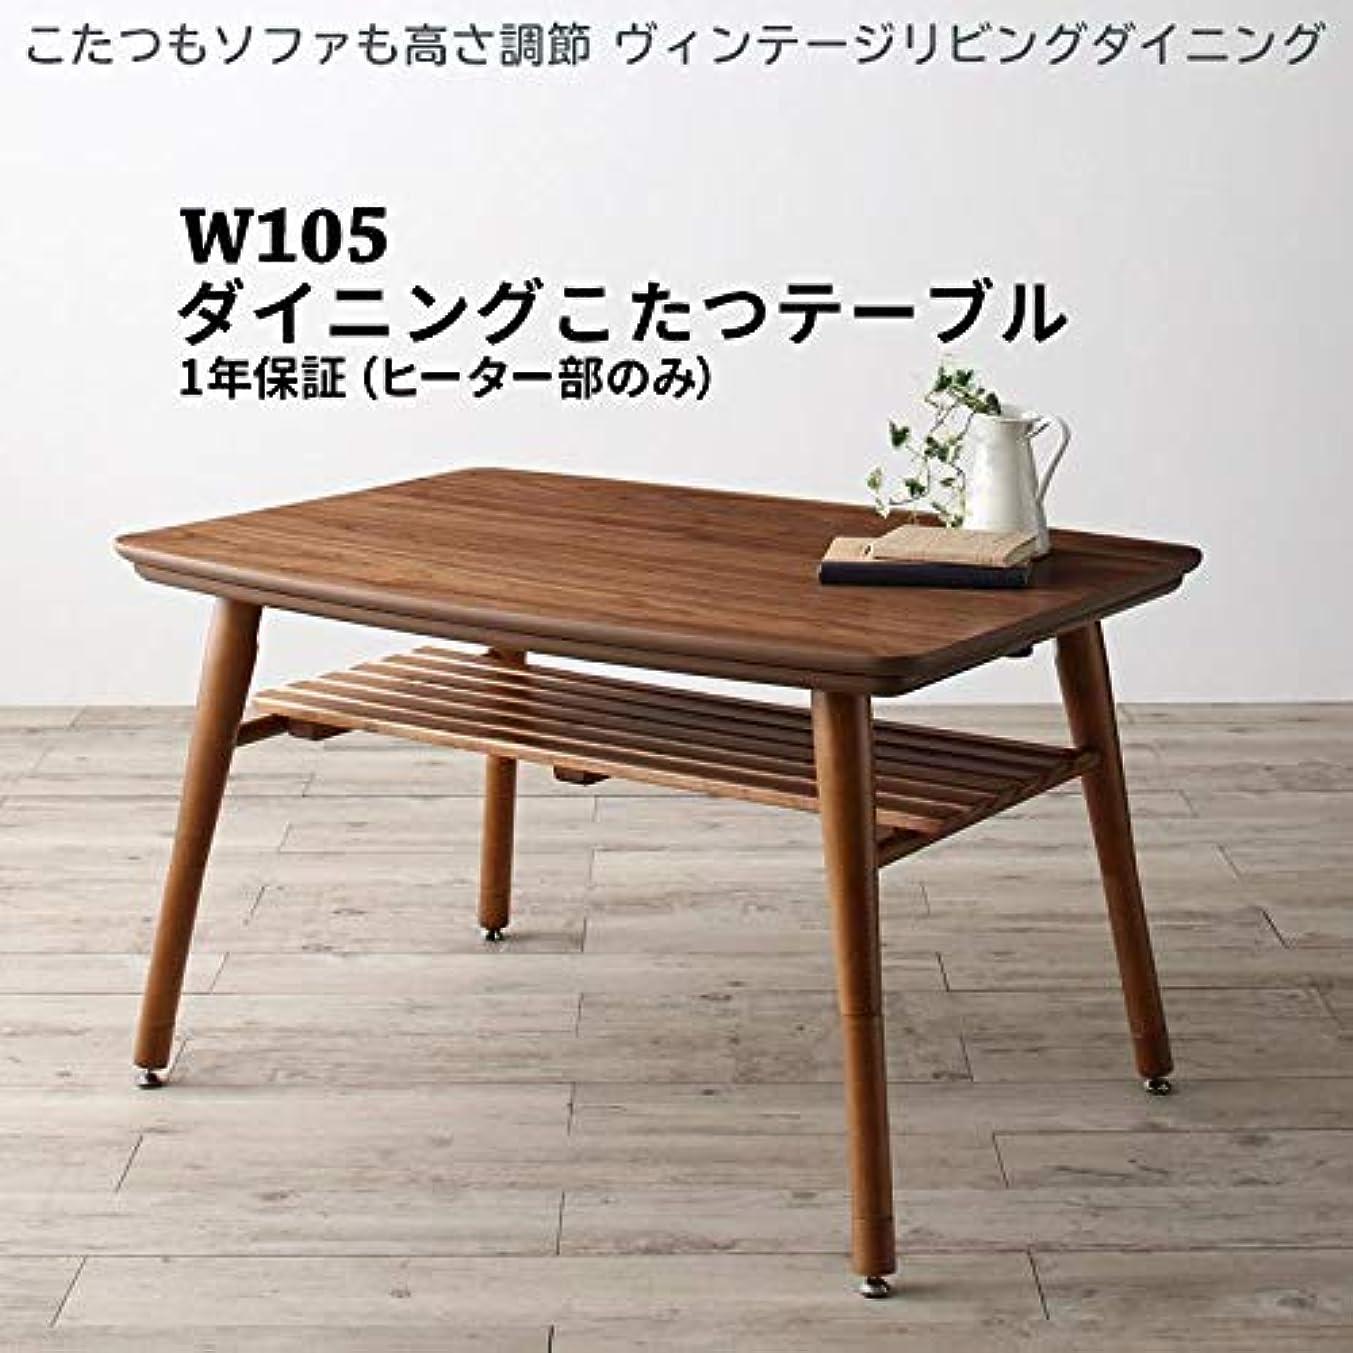 滴下解き明かす市民権モダンヴィンテージデザイン 高さ調節 こたつソファリビングダイニングシリーズ ダイニングこたつテーブル単品 W105 ウォールナットブラウン